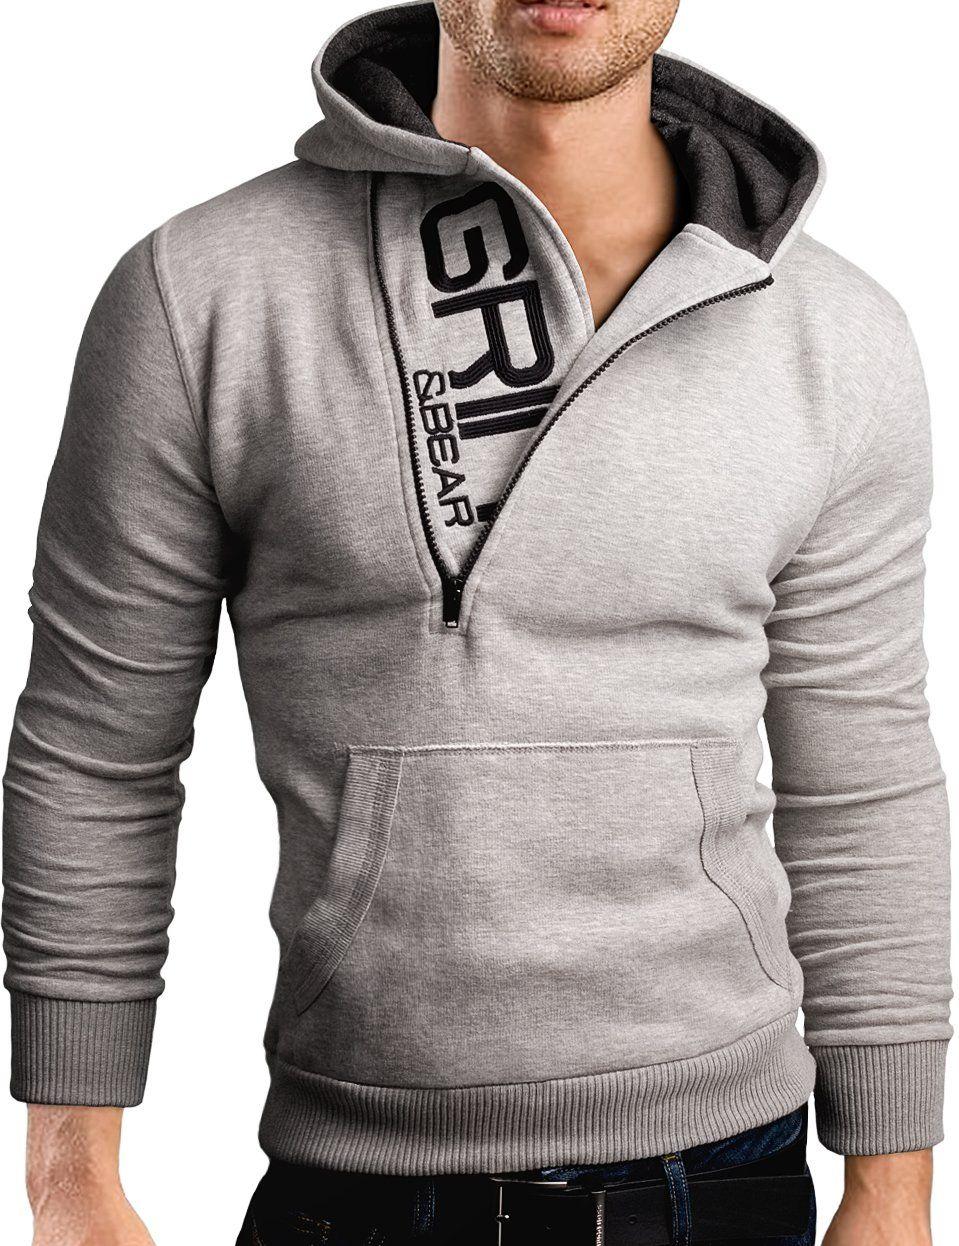 Grin Amp Bear Slim Fit Half Zip Hoodie Jacket Embroidered Sweatshirt Grey Melange M Gec401 Hooded Sweatshirt Men Stylish Hoodies Jackets Men Fashion [ 1246 x 959 Pixel ]